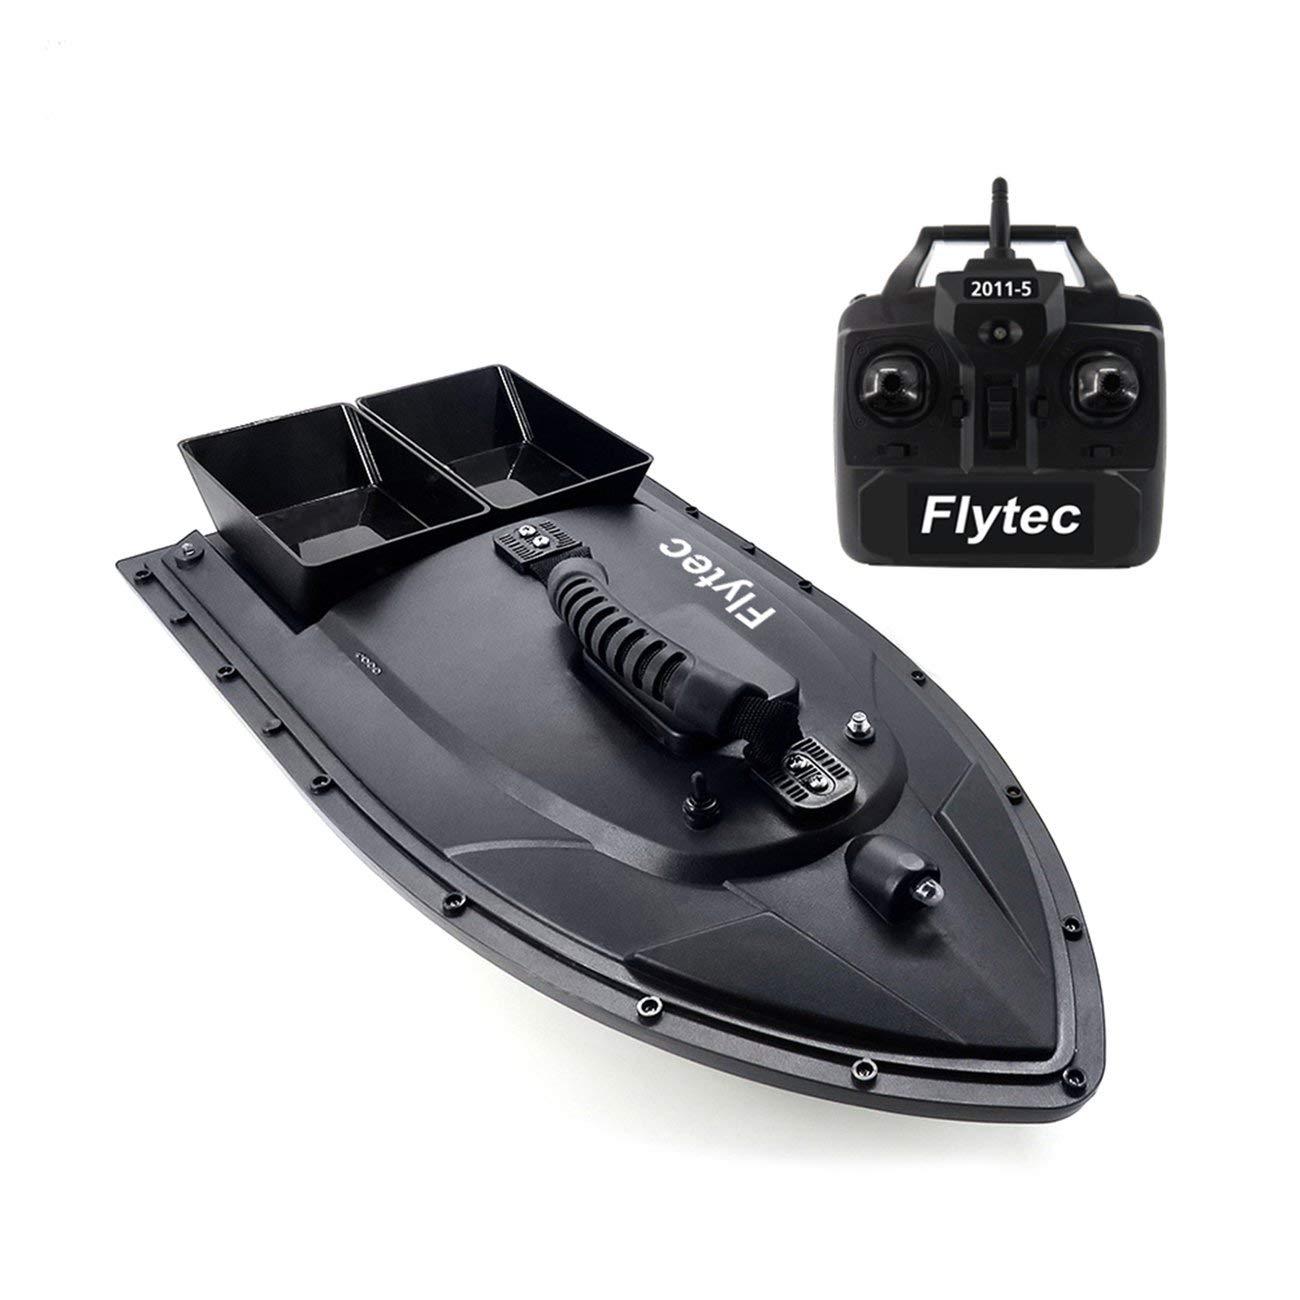 LasVogos Flytec Herramienta 2011-5 Pesca Inteligente RC Barco de Juguete de Doble Motor de Pescado buscador de los Pescados del Barco